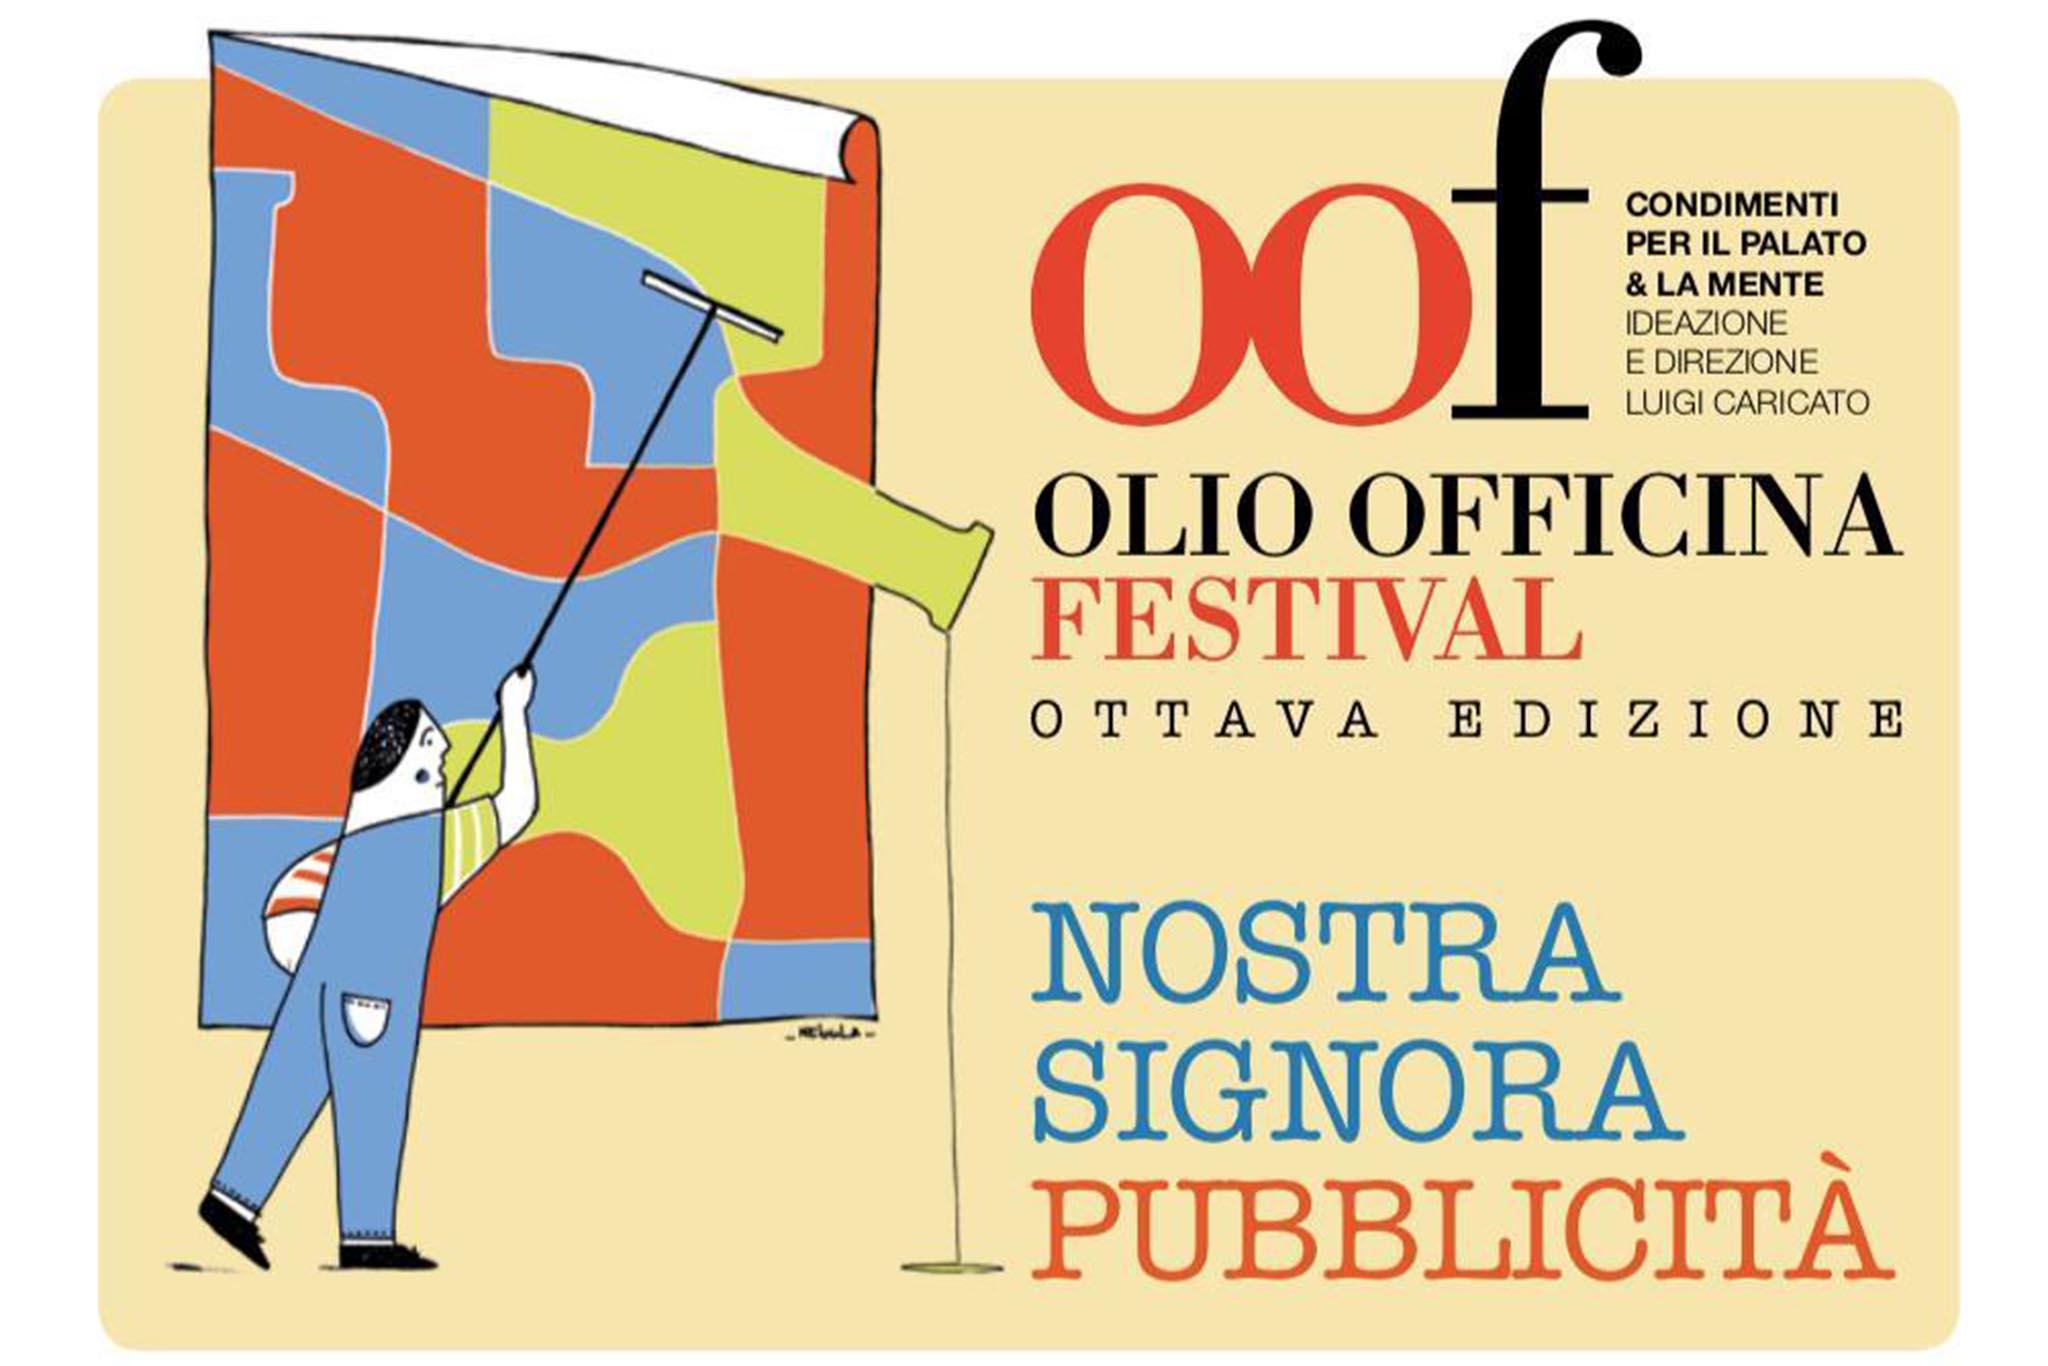 Olio Officina locandina 2019